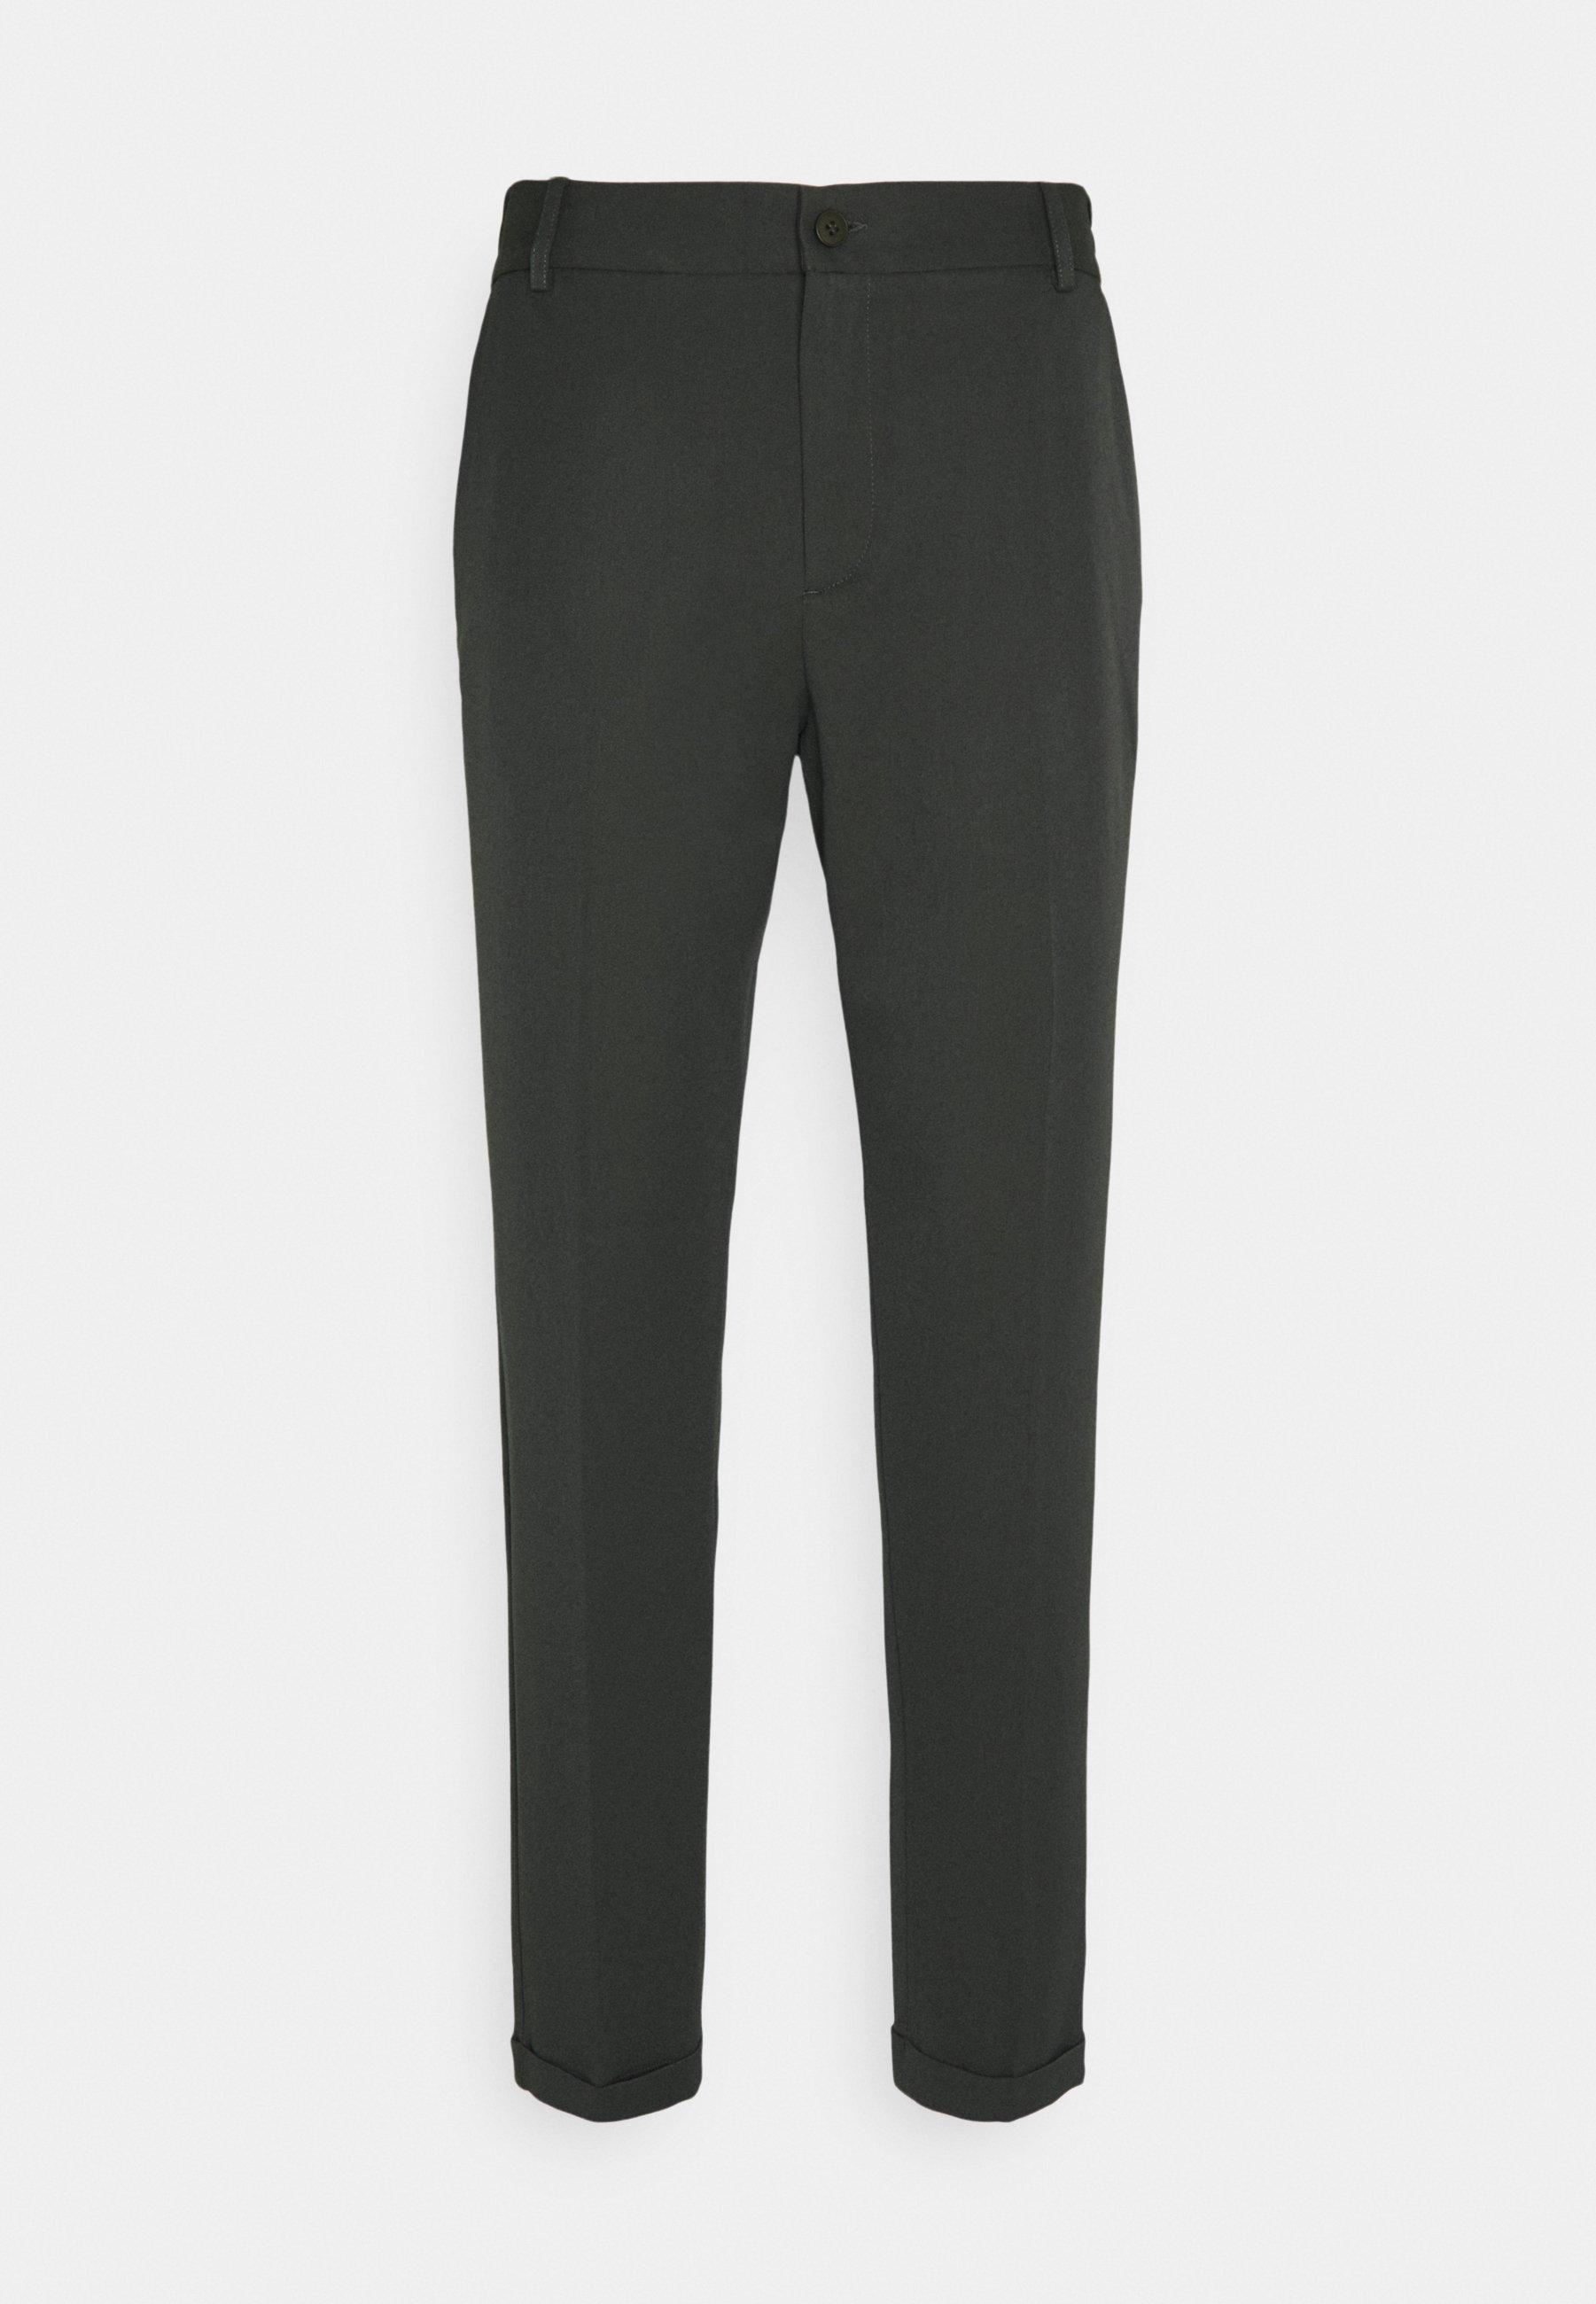 Homme PINO WAIST PANTS - Pantalon classique